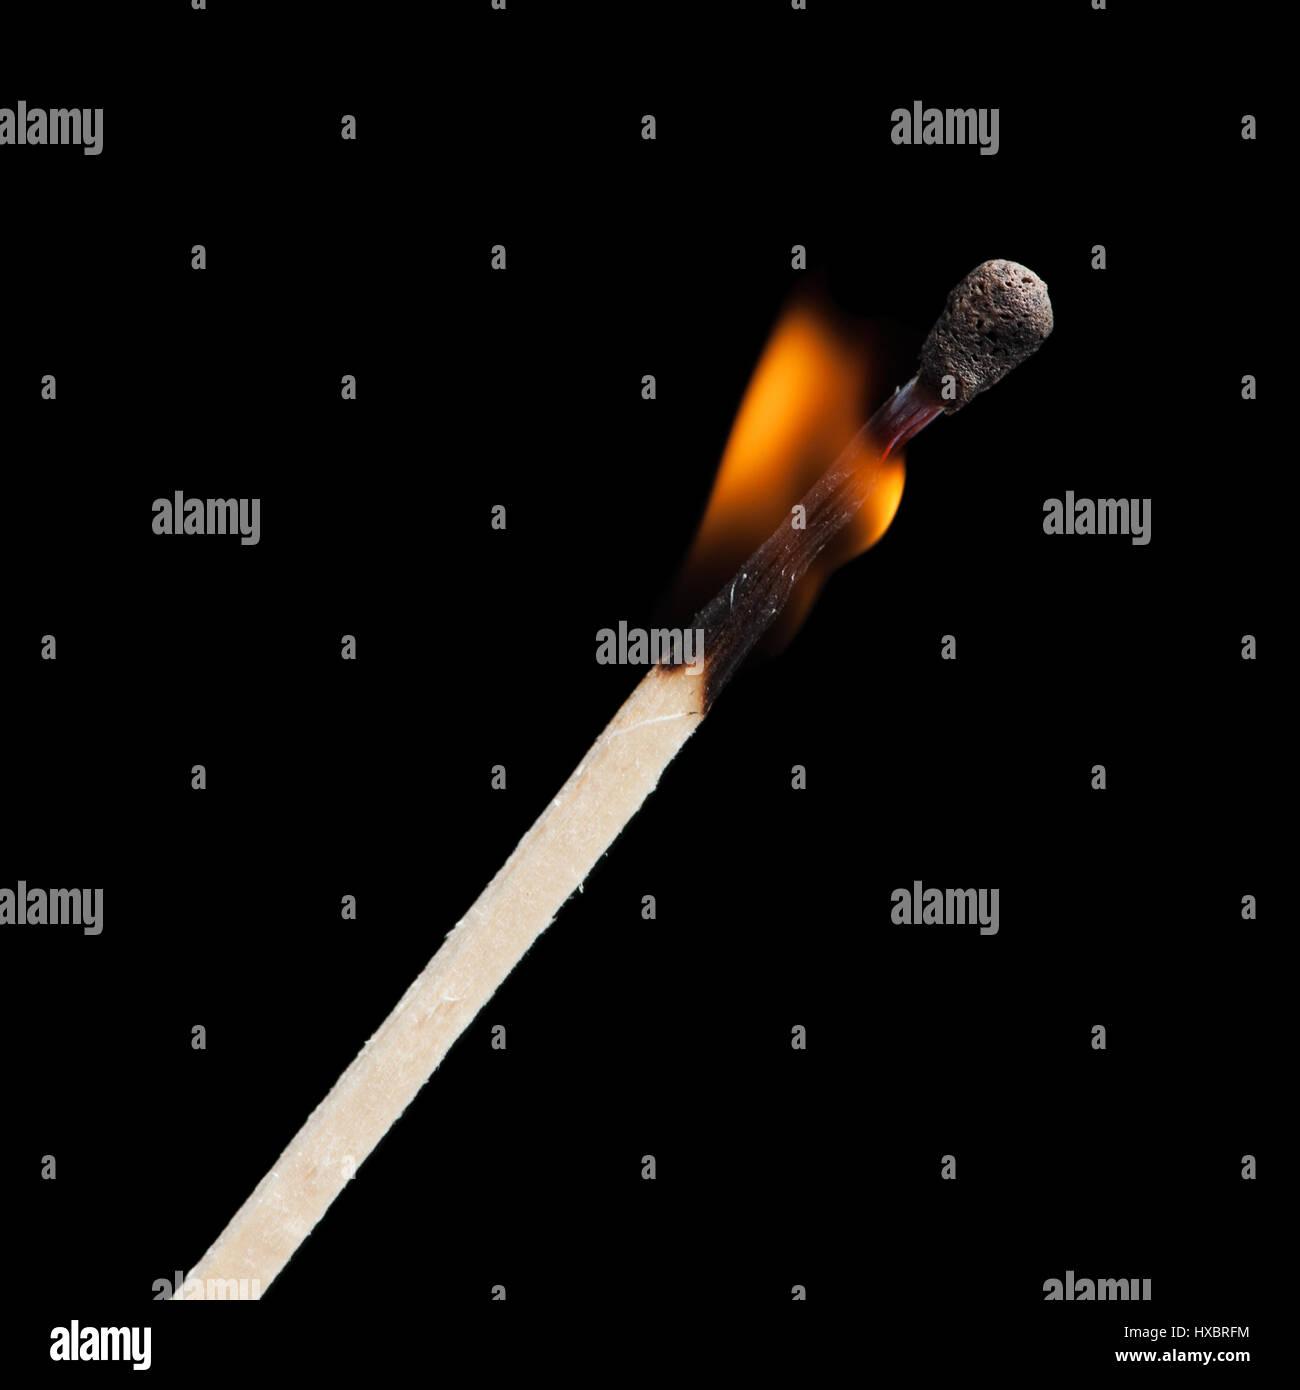 Burning match on black background - Stock Image